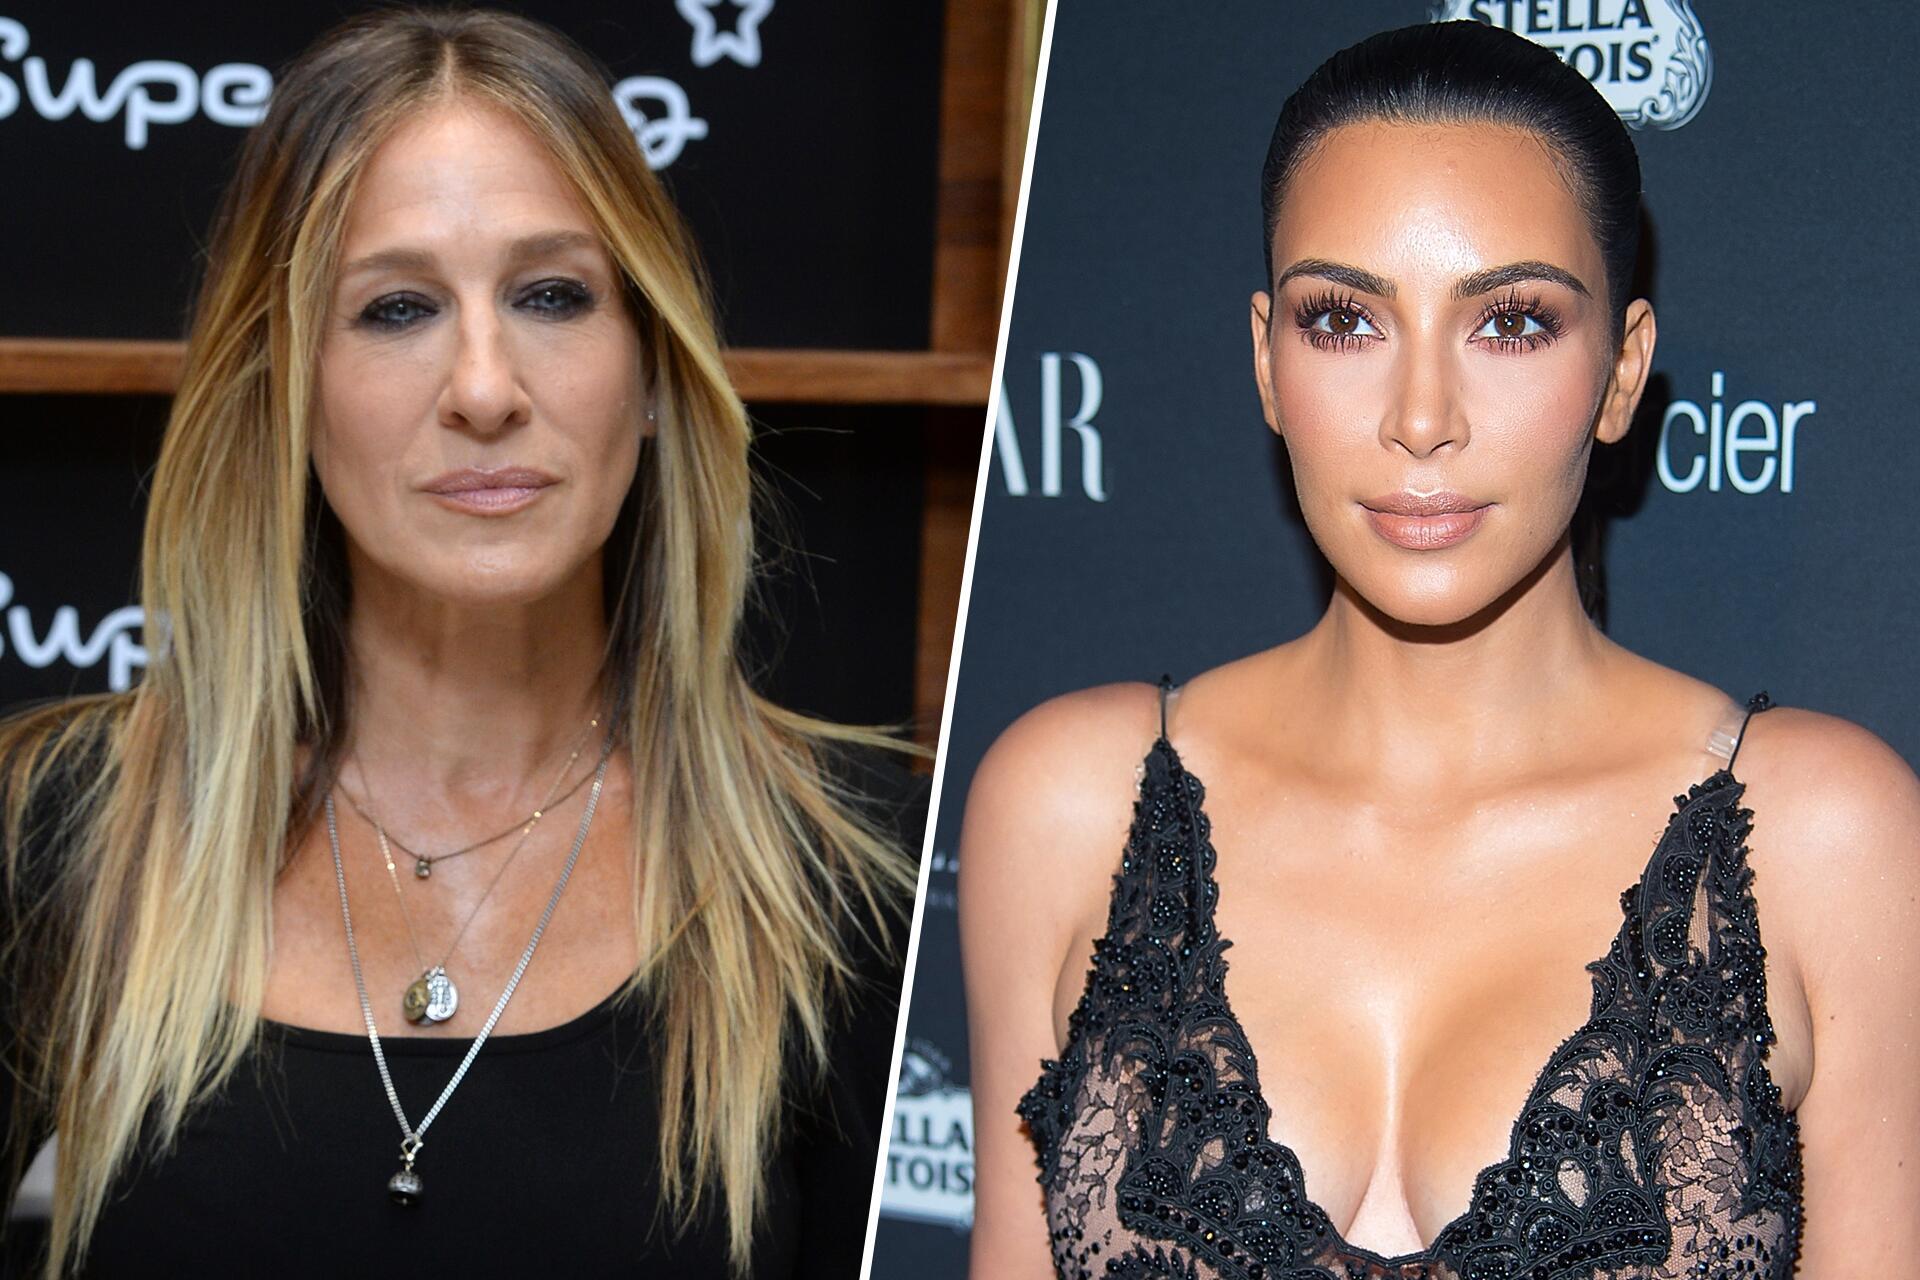 Sarah Jessica Parker Das Denkt Sie über Kim Kardashian Webde